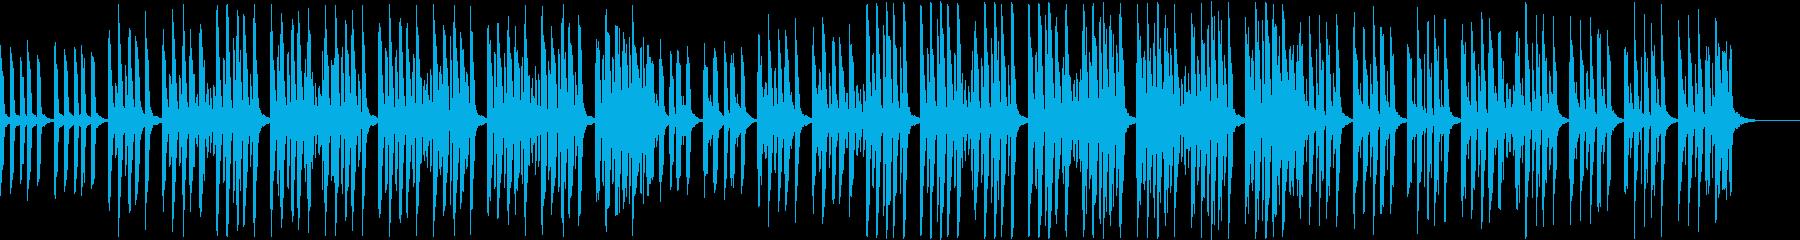 かわいくてセンチメンタルなミニマルソングの再生済みの波形